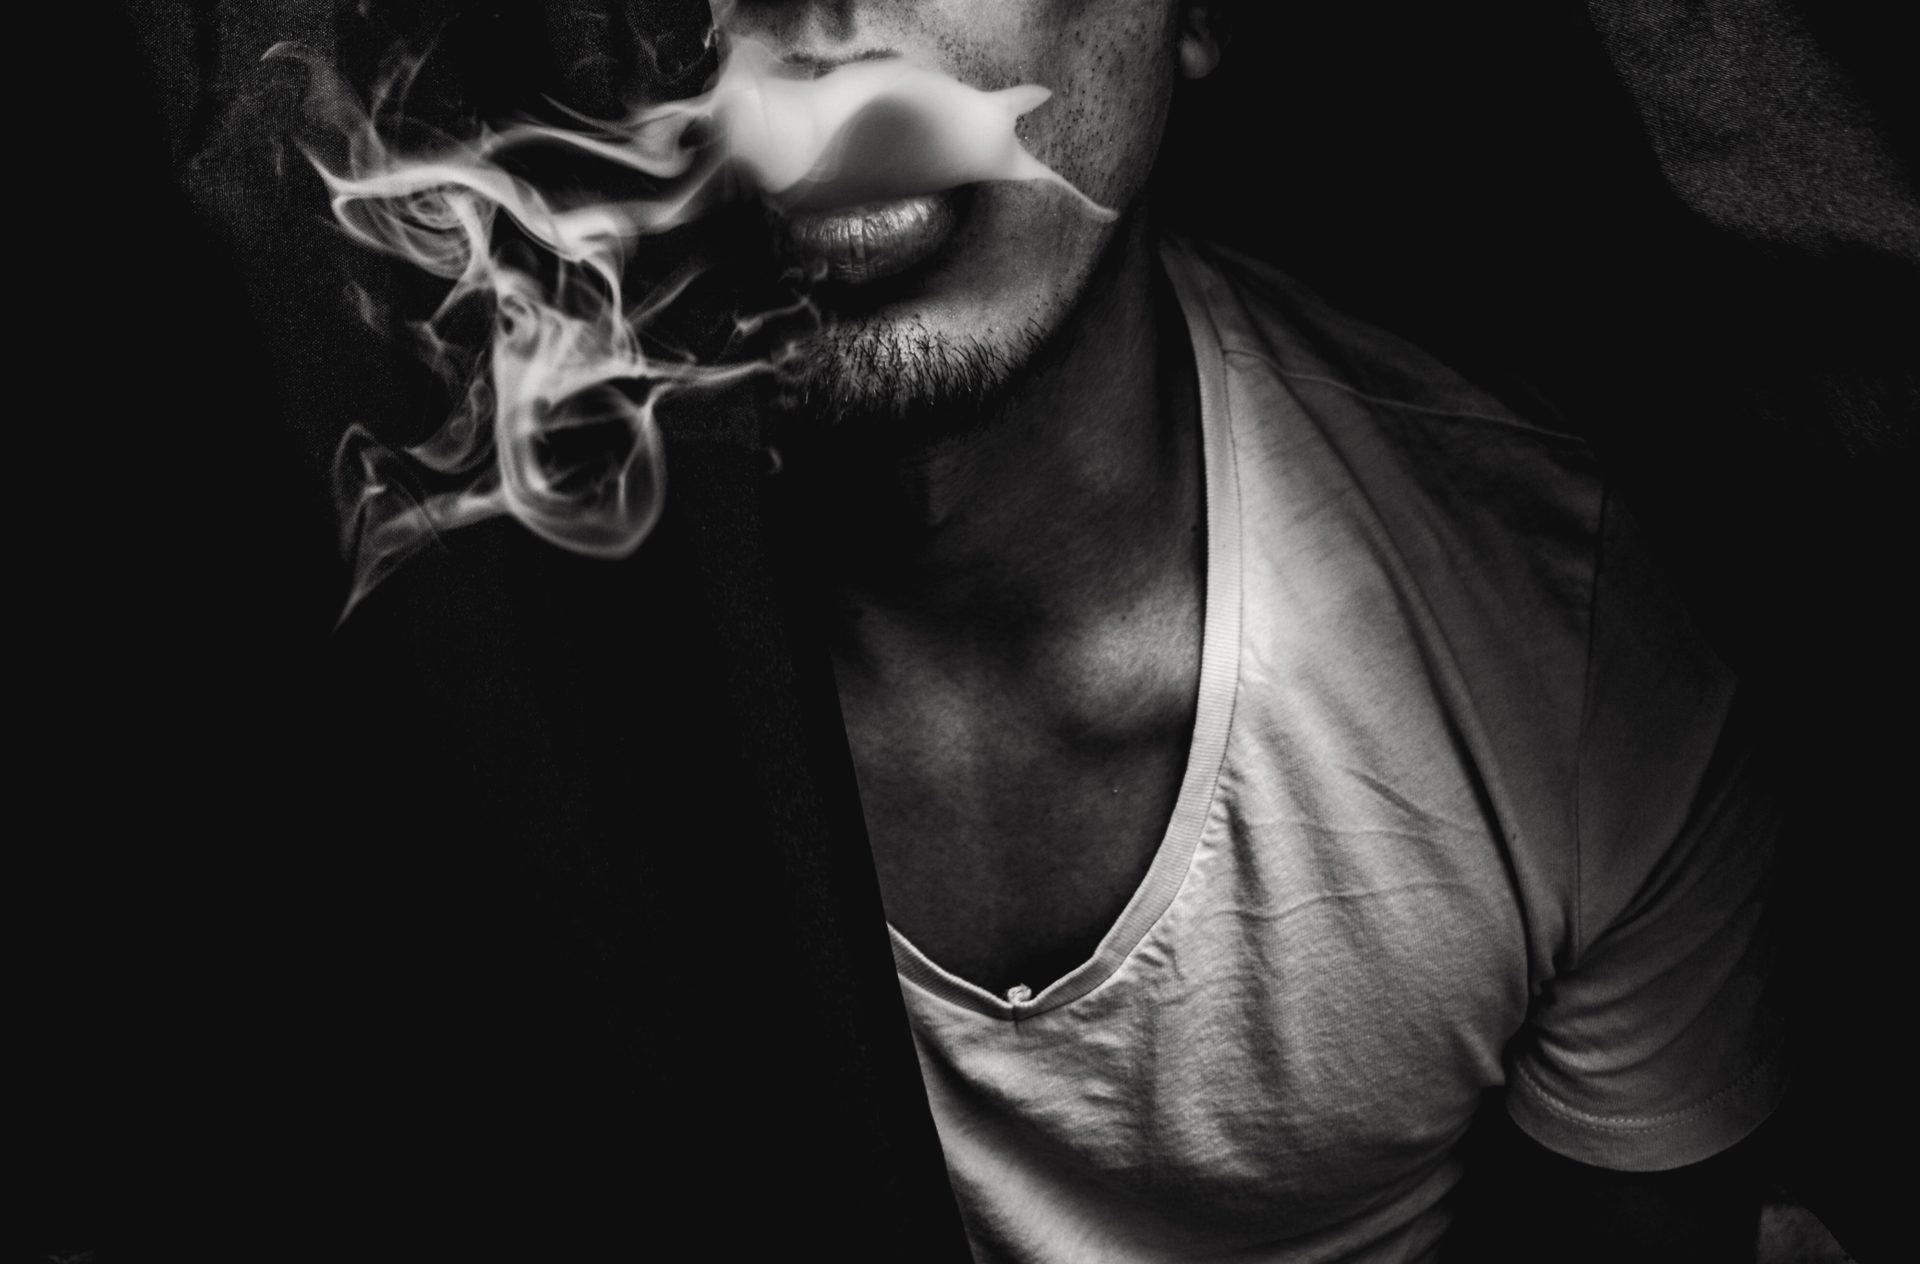 Ovih 6 stvari su štetne koliko i pušenje, a svi ih svakodnevno činimo